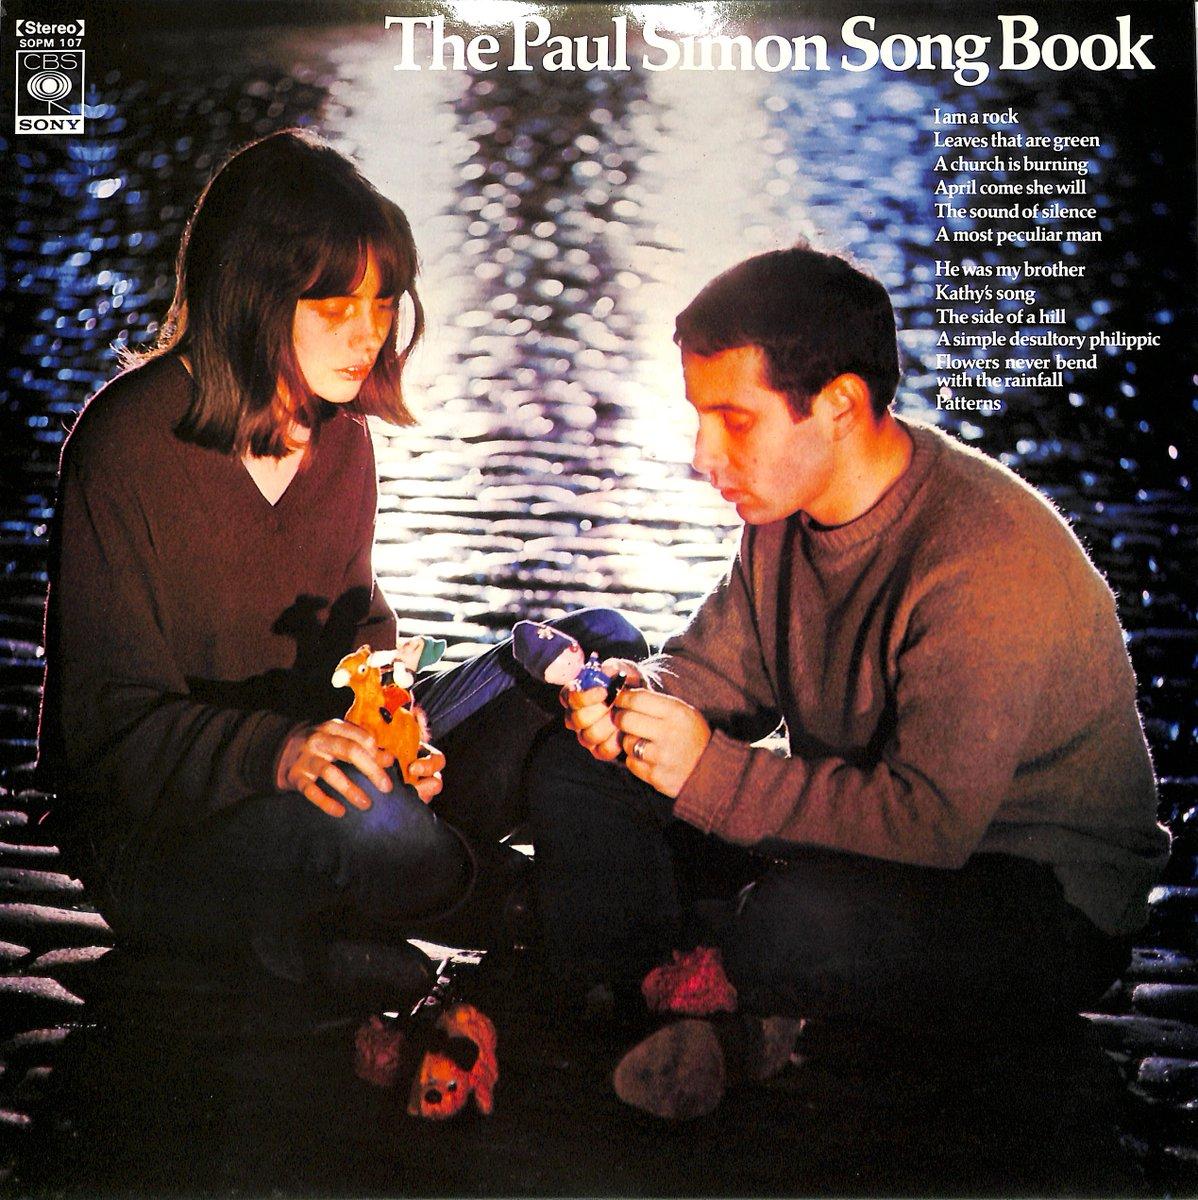 [ 聴かないデジタルより聴くアナログ | 2021年01月26日号 | #ポール・サイモン / ソングブック (LPレコード)#PaulSimon #SongBook 他 |  https://t.co/cs7J53UE7k https://t.co/HAjJz7Wyd5